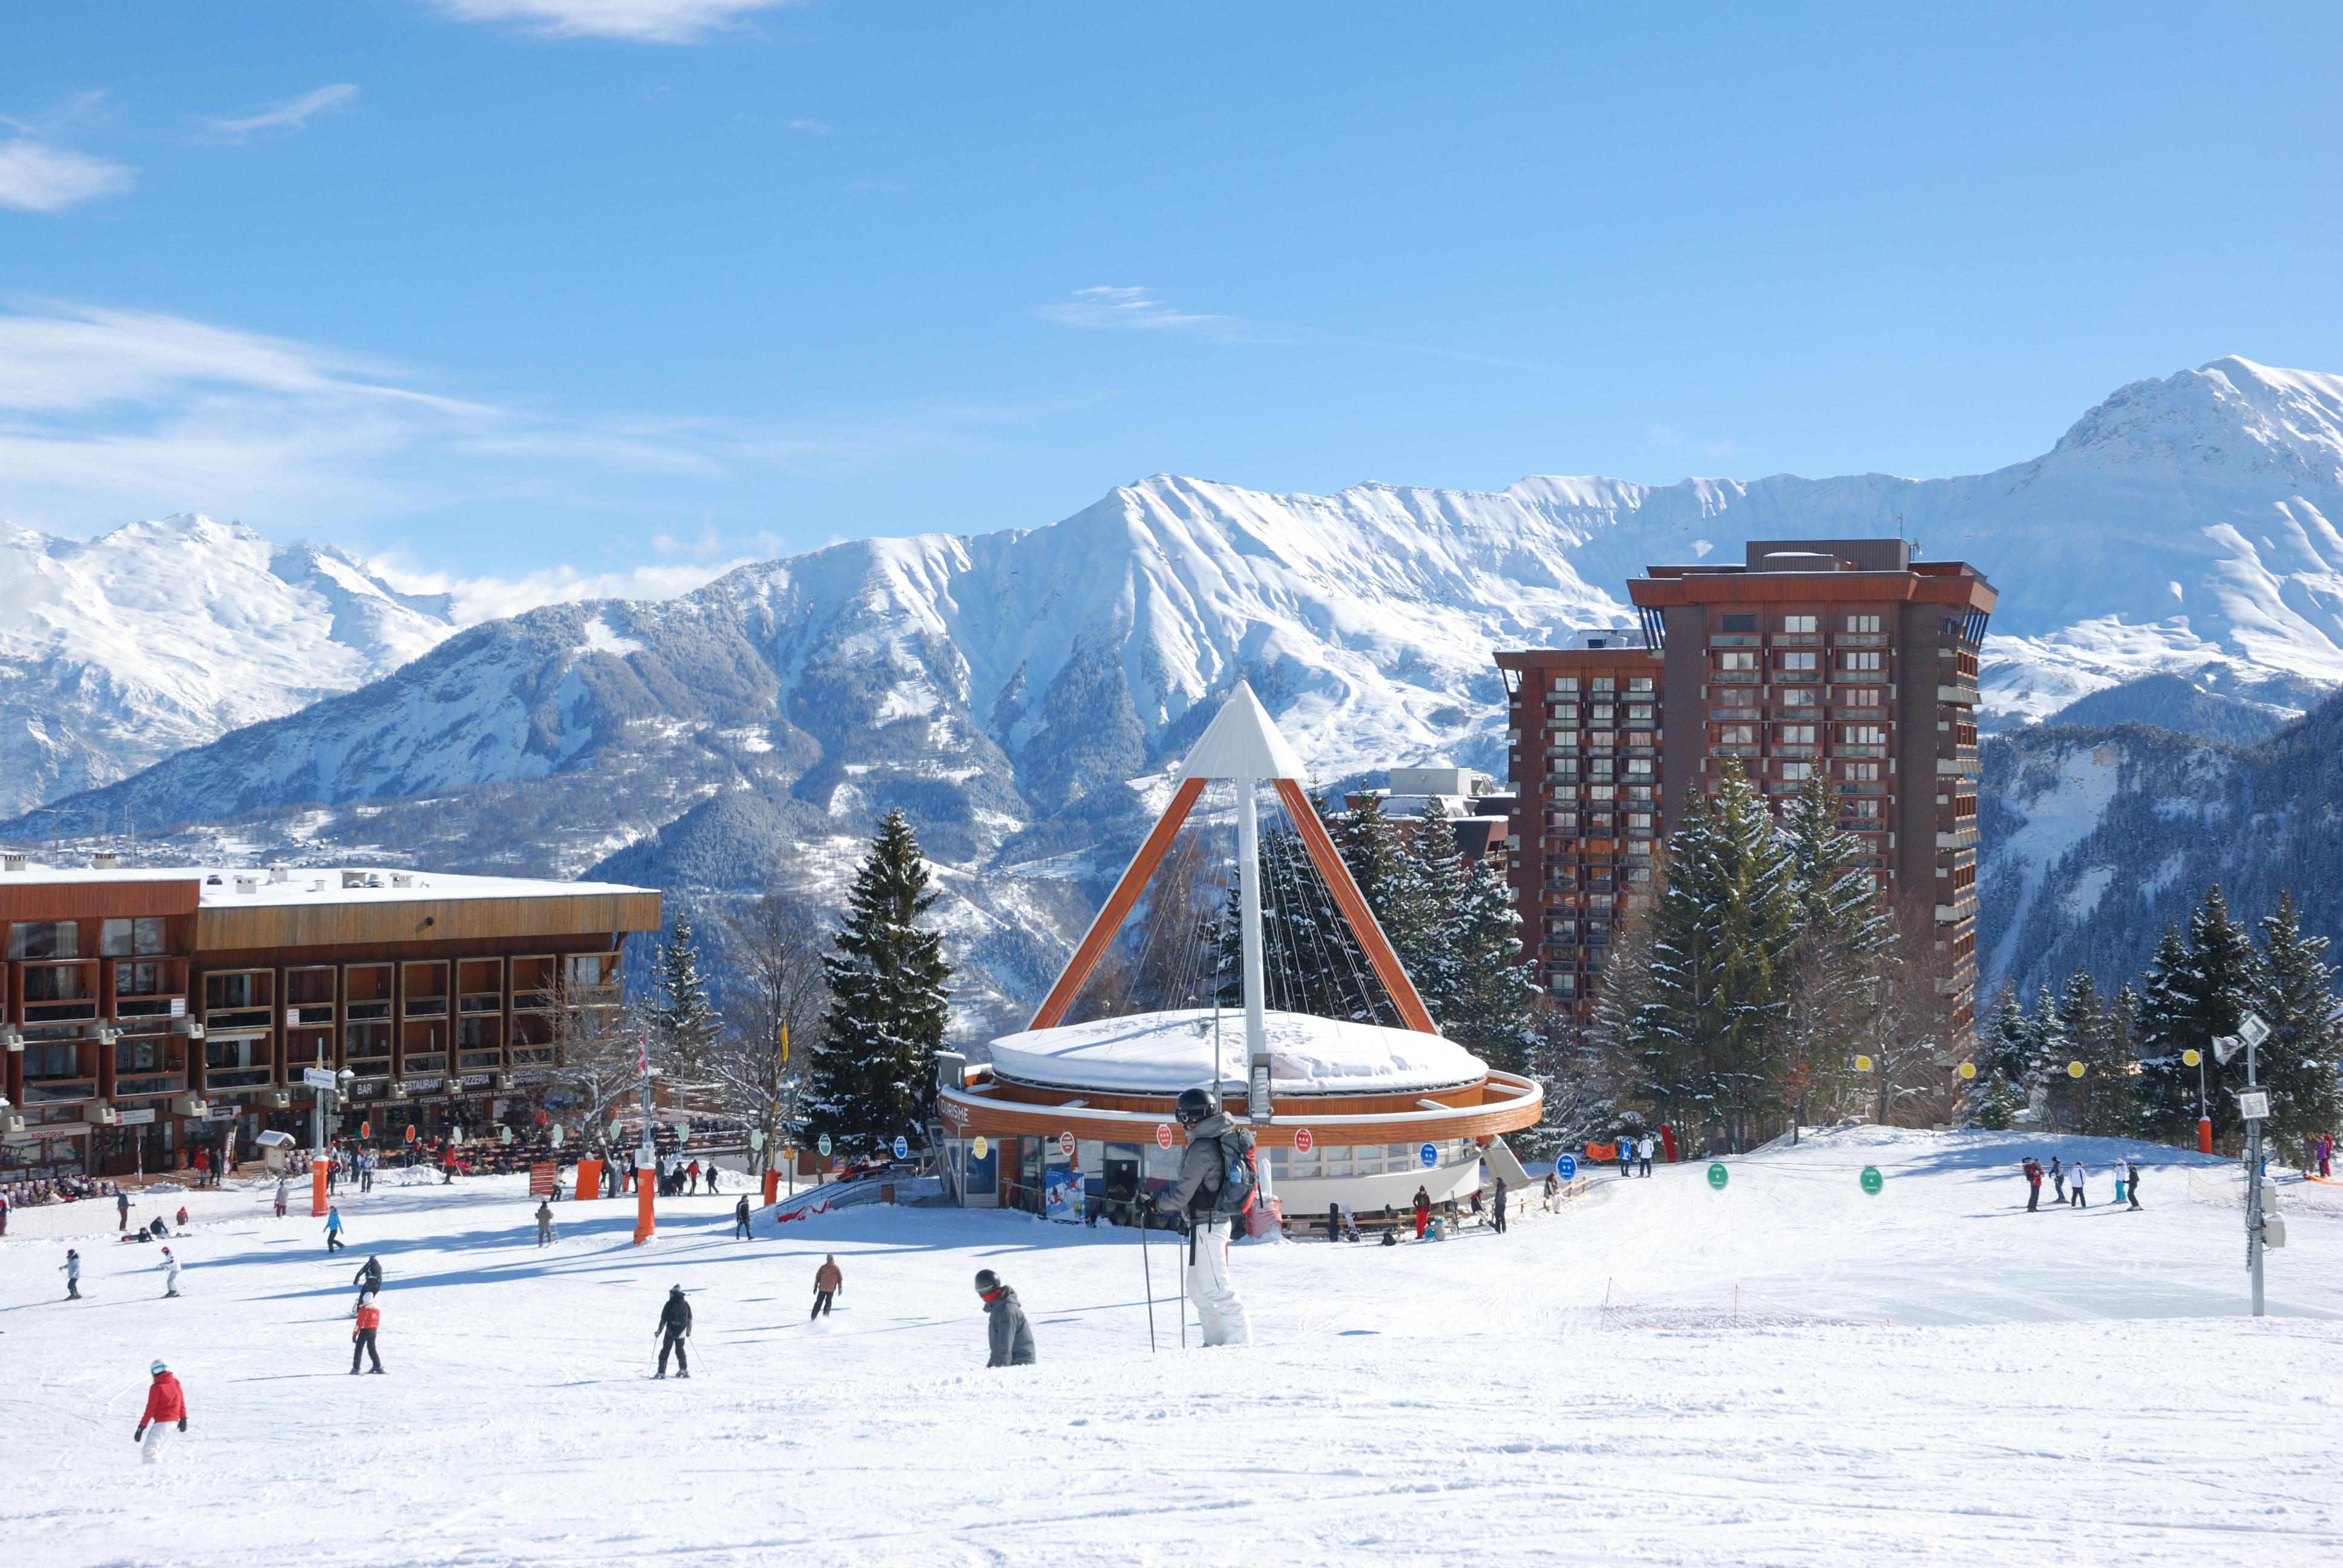 Corbier tourisme savoie mont blanc savoie et haute - Office tourisme montgenevre hautes alpes ...